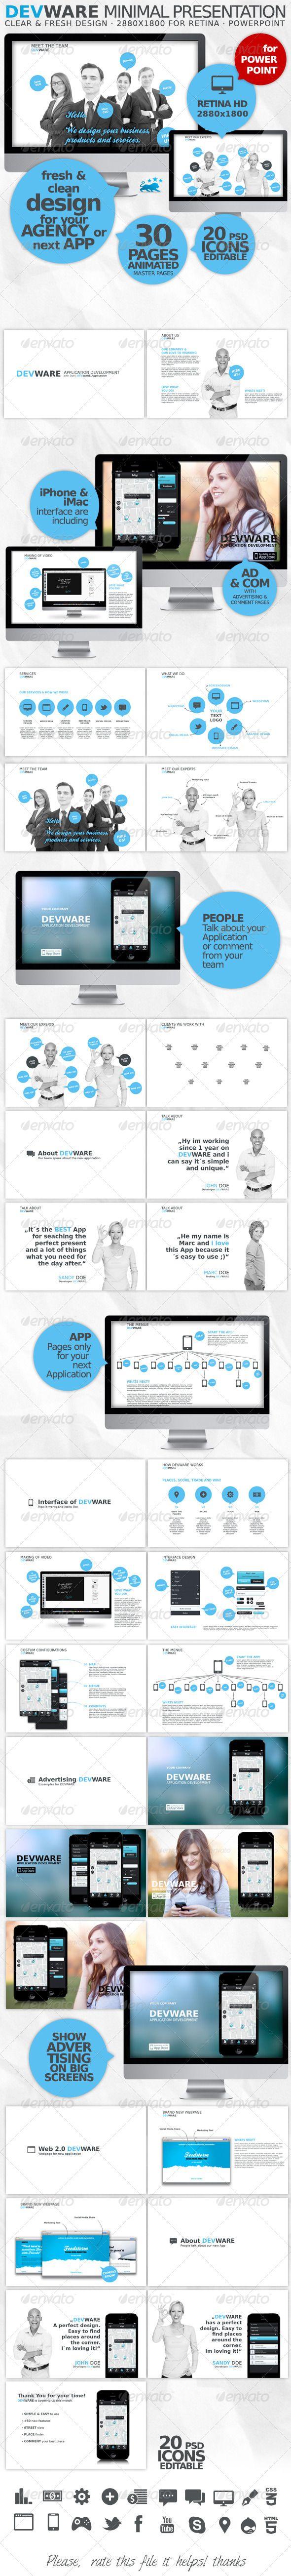 106 best presentation design images on pinterest | presentation, Presentation templates